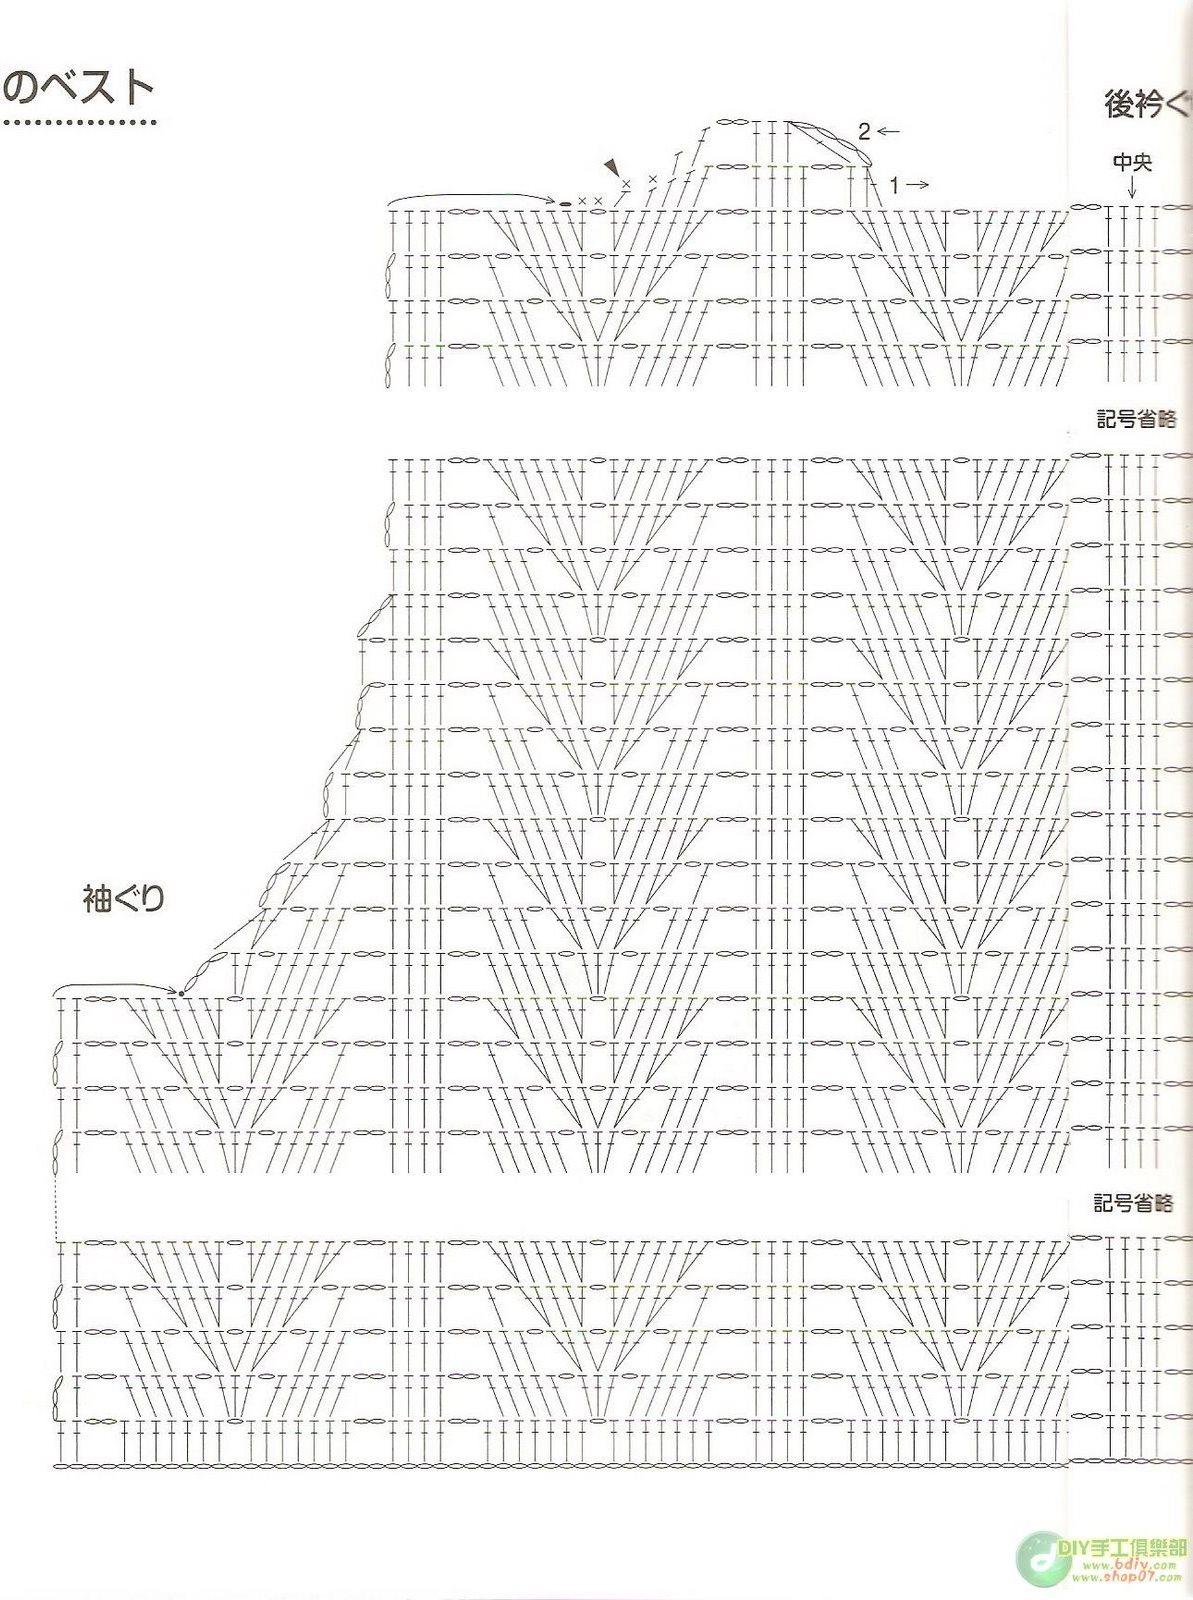 0477_Aiamu Olive vol.333 2007-12 (2)